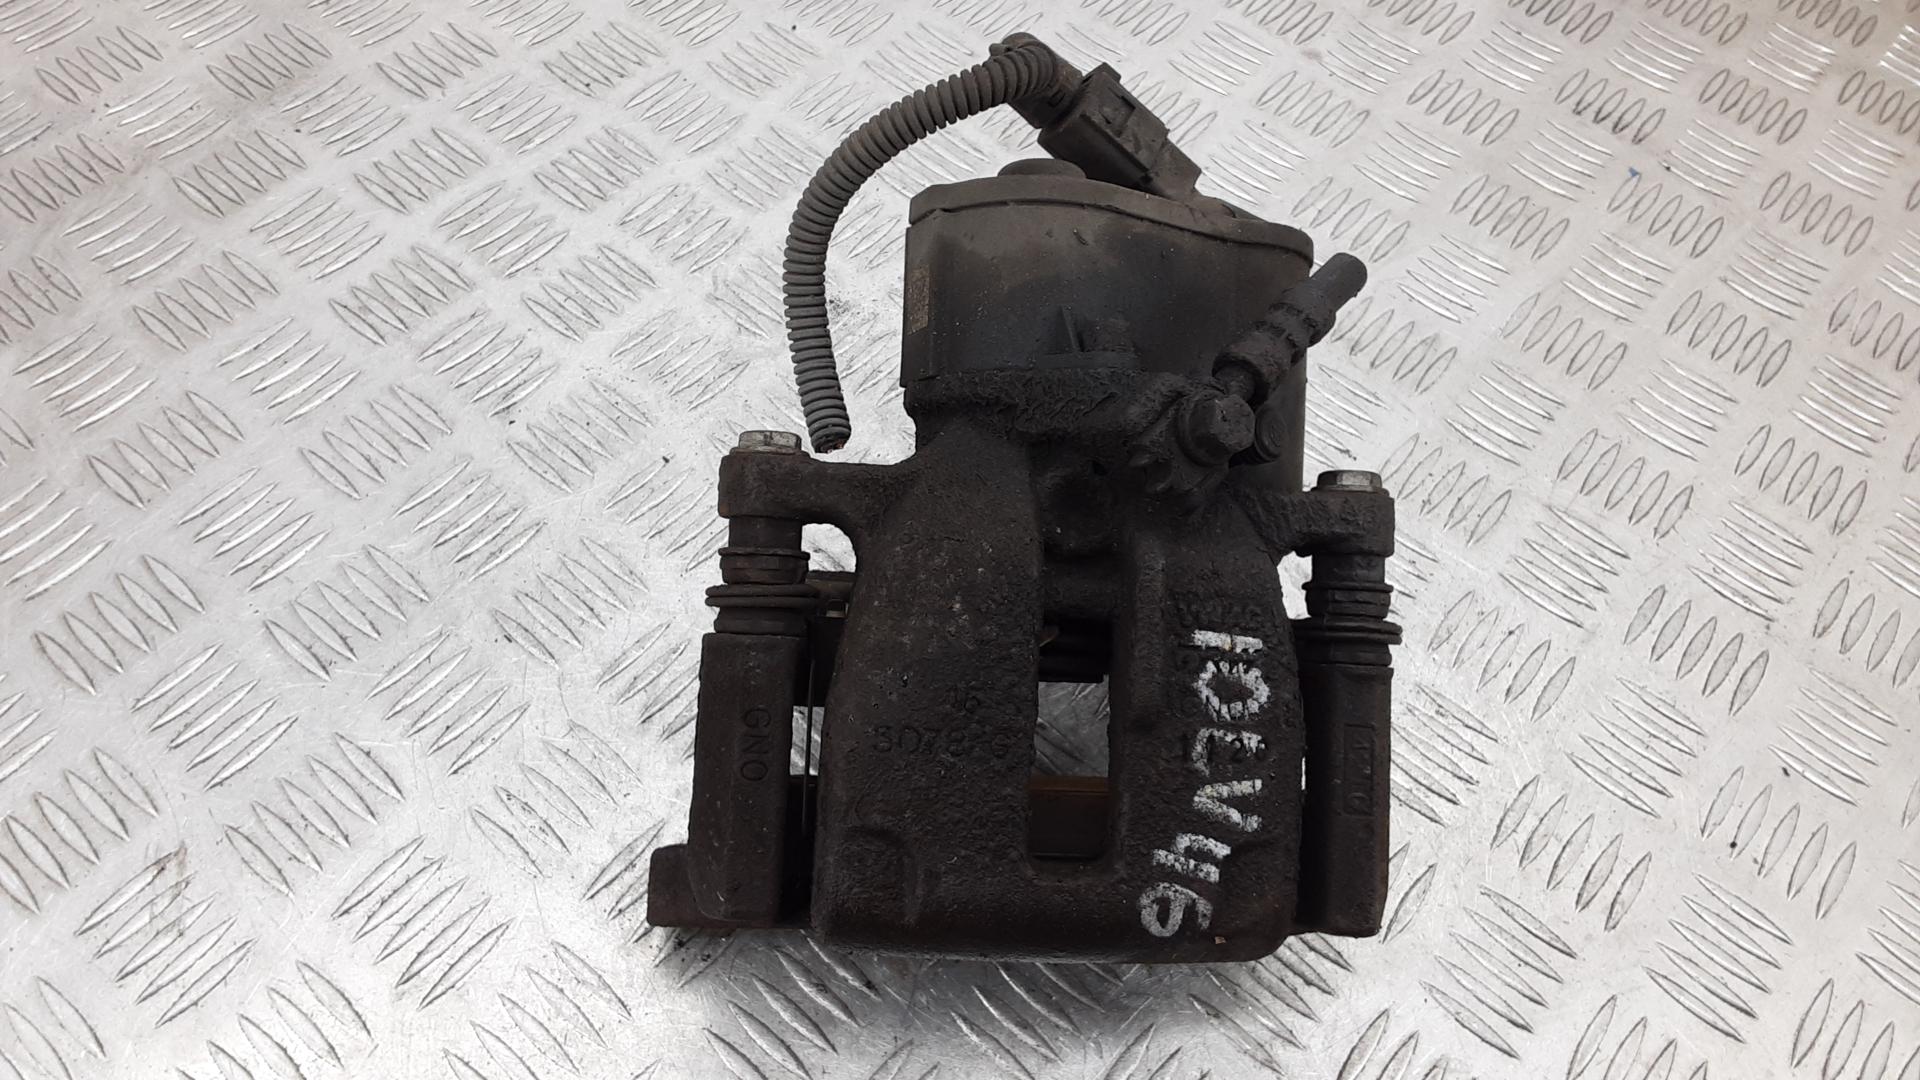 Суппорт тормозной задний правый, VOLKSWAGEN, PASSAT B6, 2010